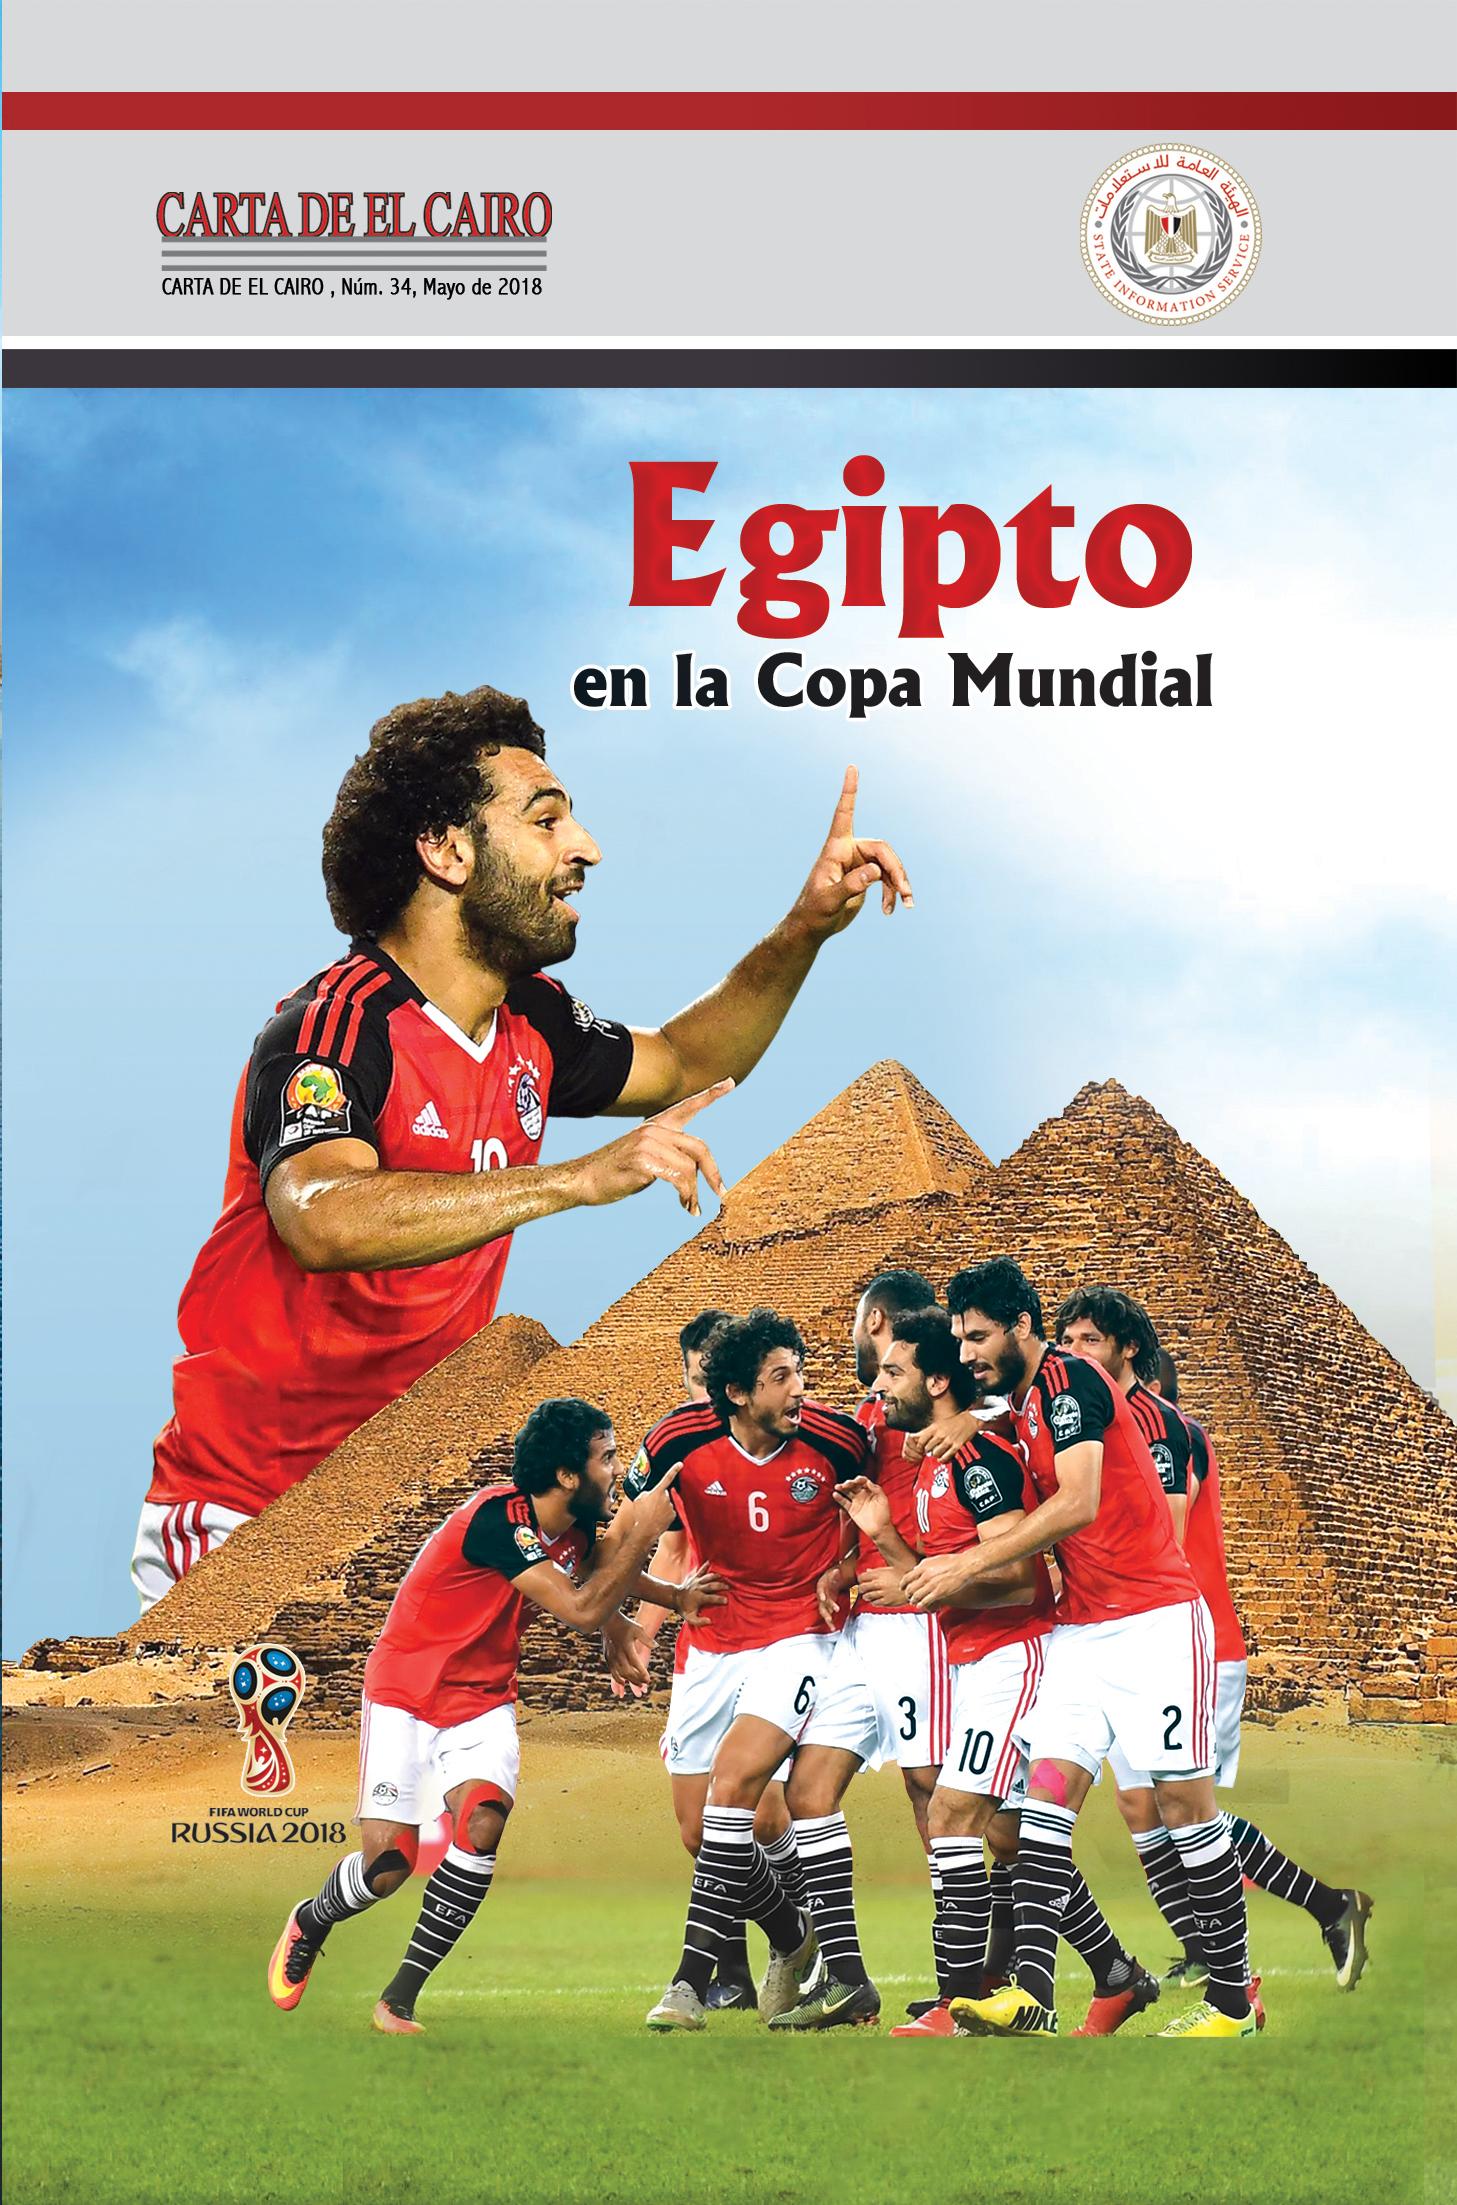 62018131341788-غلاف رسالة القاهرة اسبانى 34